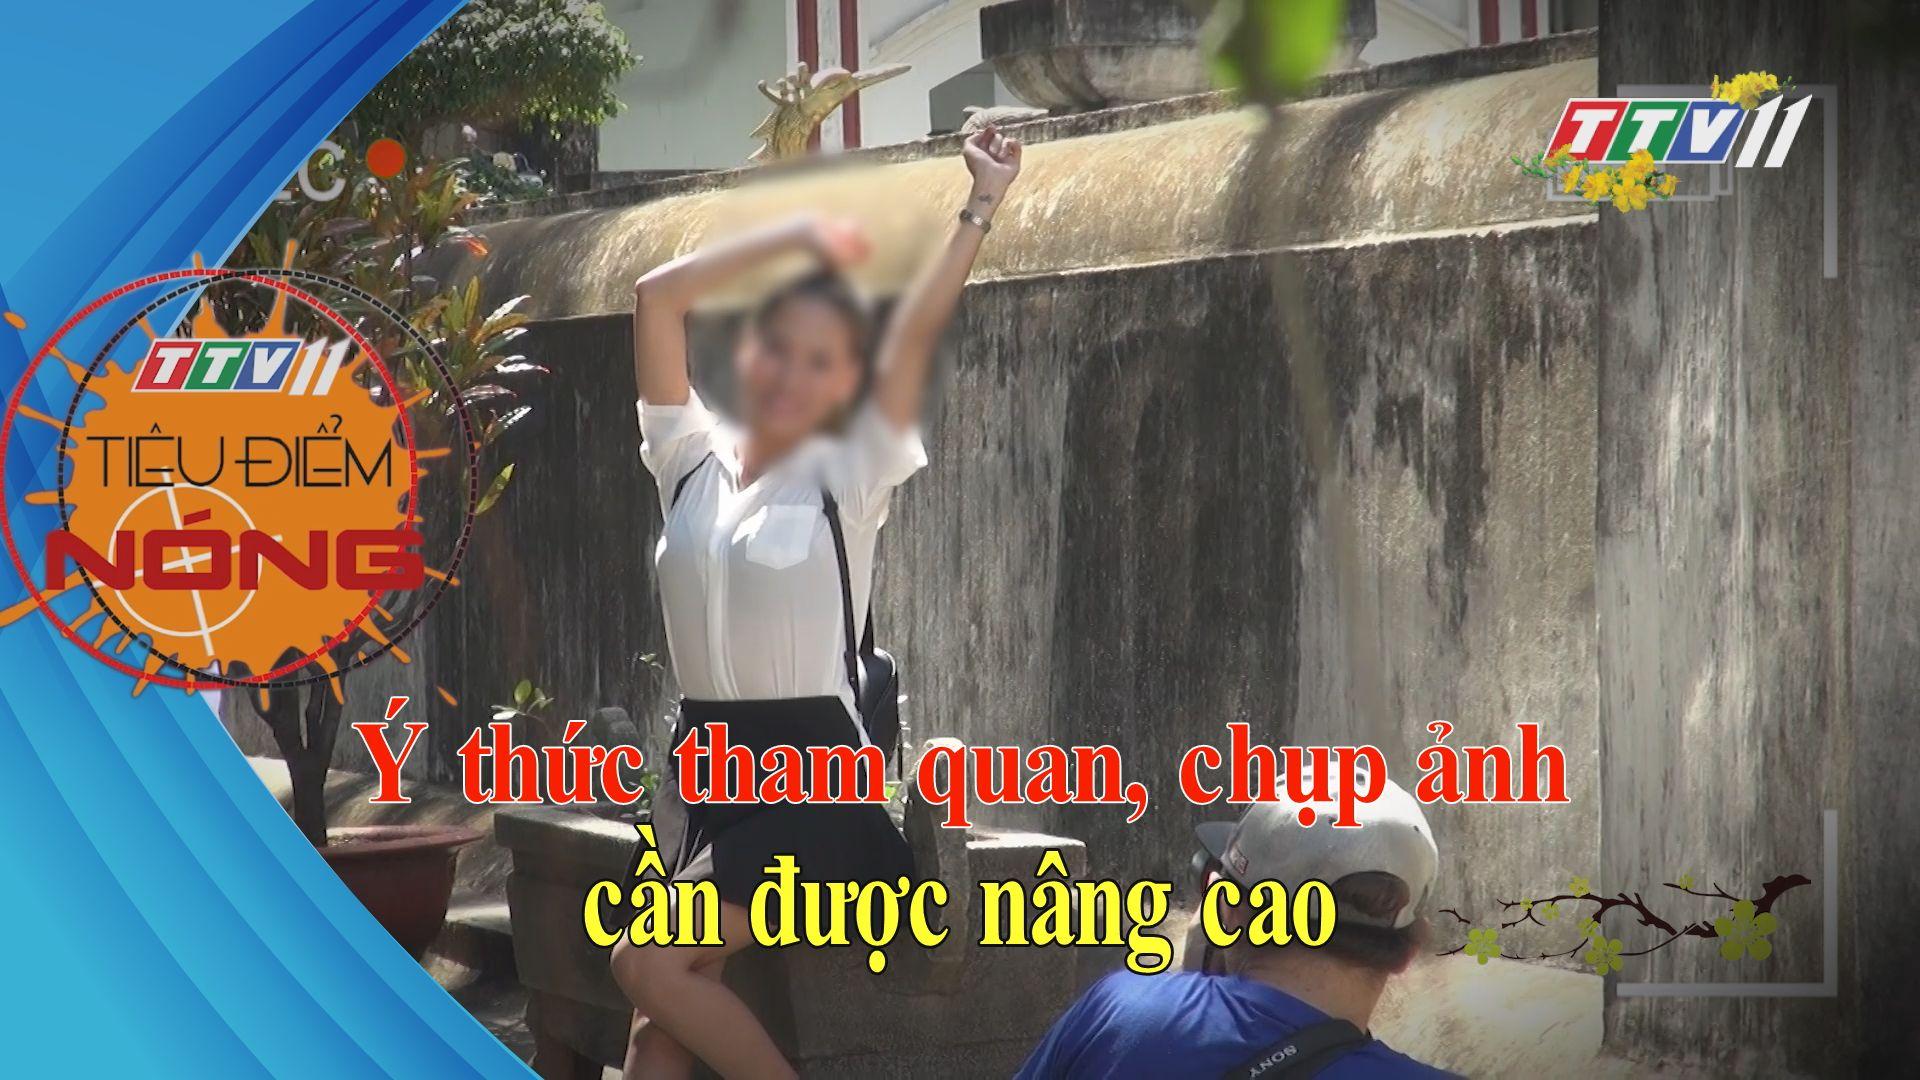 Ý thức tham quan chụp ảnh tết cần được nâng cao | Tiêu điểm nóng | TayNinhTV